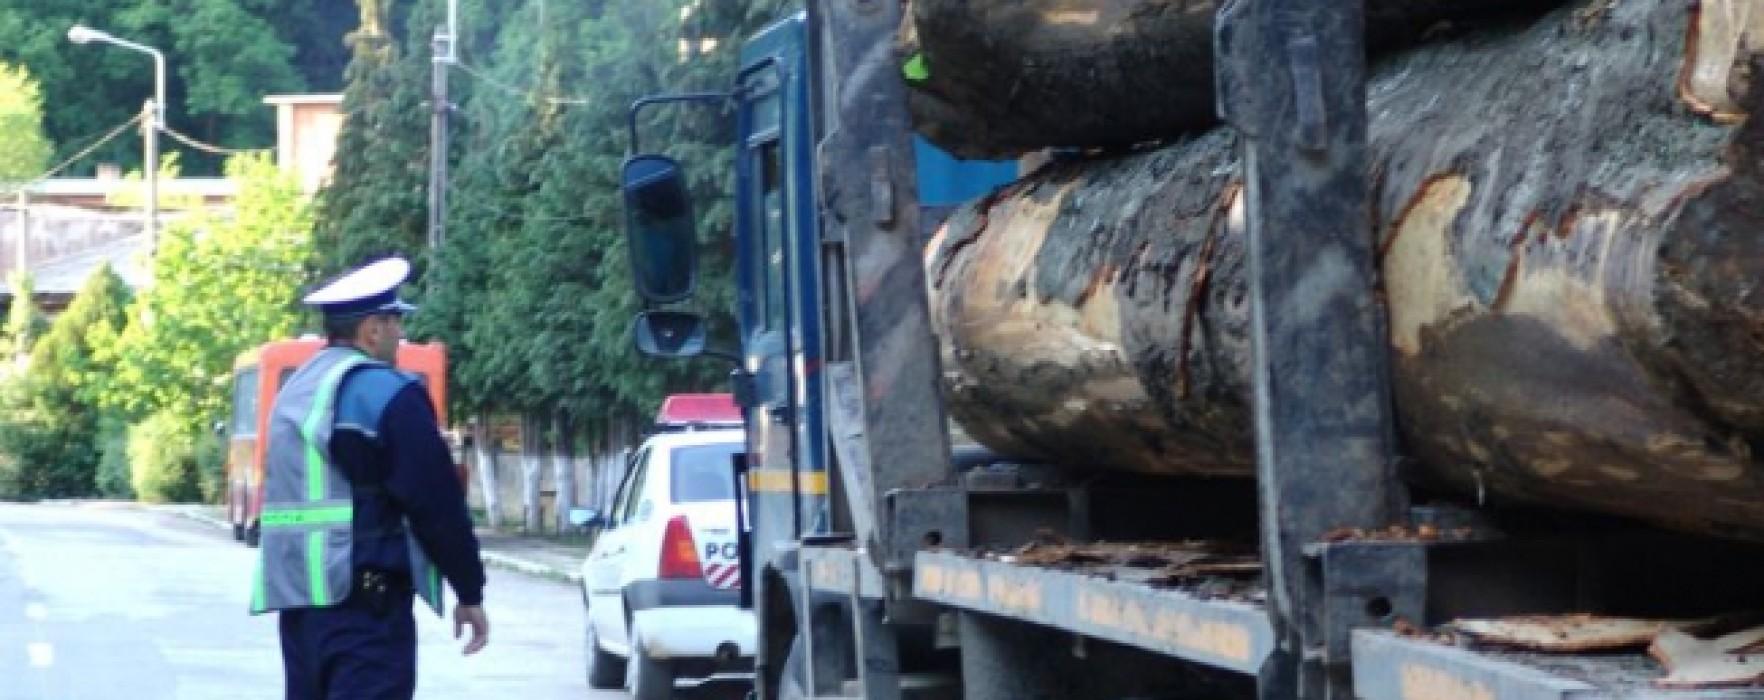 Dâmboviţa: Suspecţi de furt de lemne opriţi în trafic au spart parbrizul maşinii de Poliţie şi au bătut un pădurar